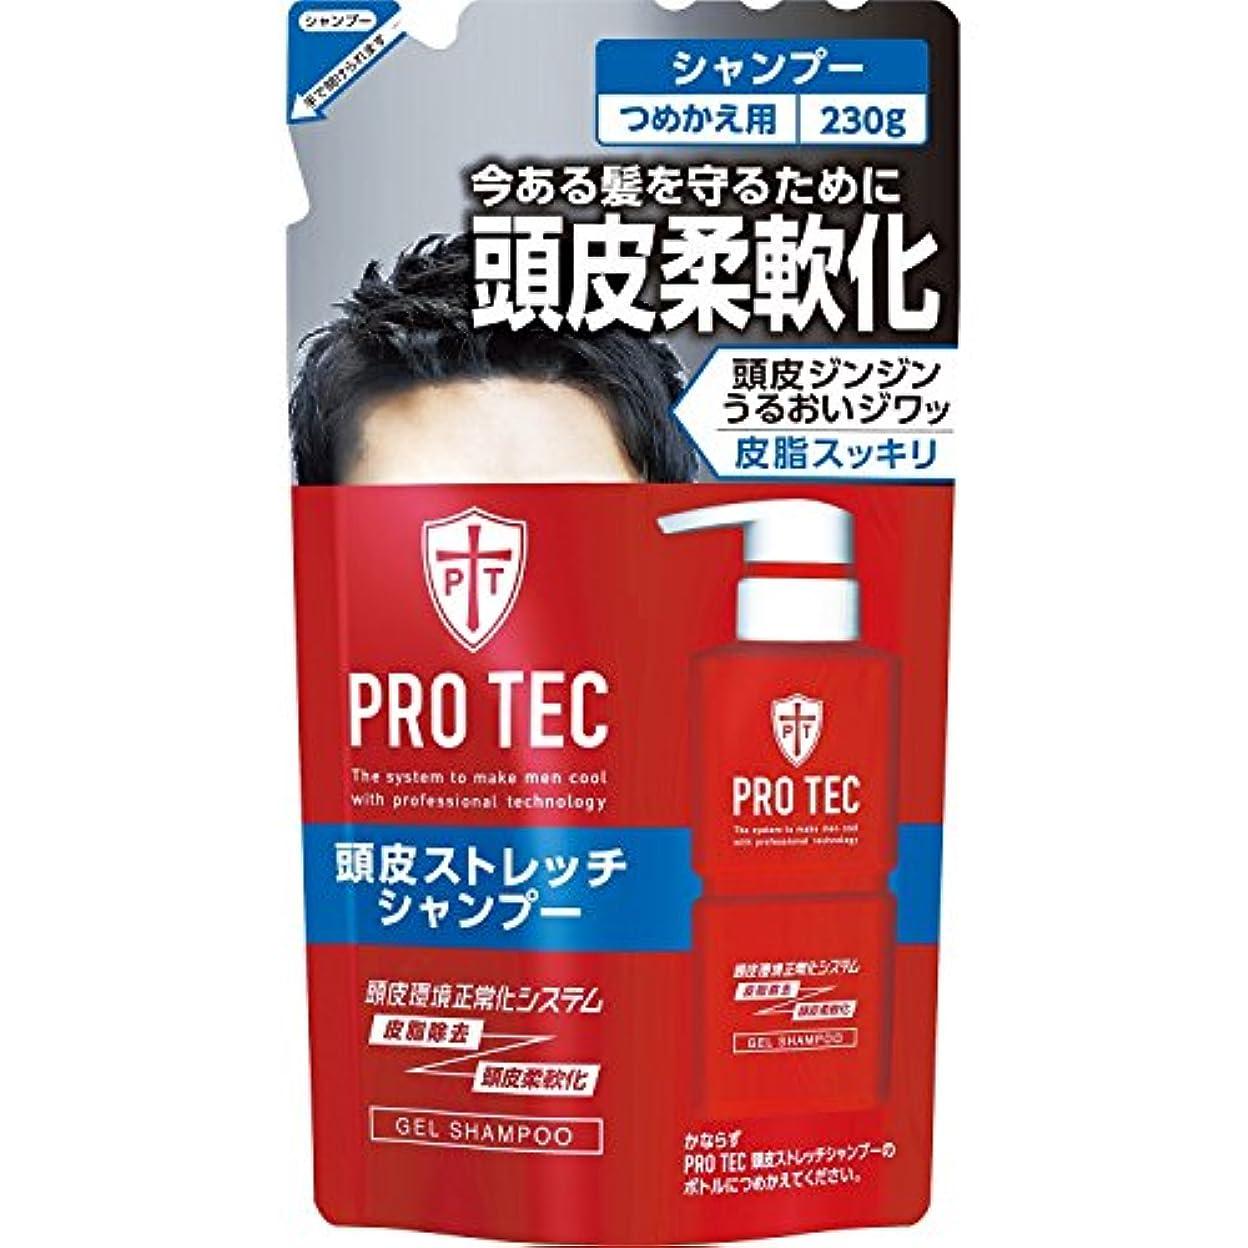 死傷者セント農民PRO TEC(プロテク) 頭皮ストレッチ シャンプー 詰め替え 230g(医薬部外品)